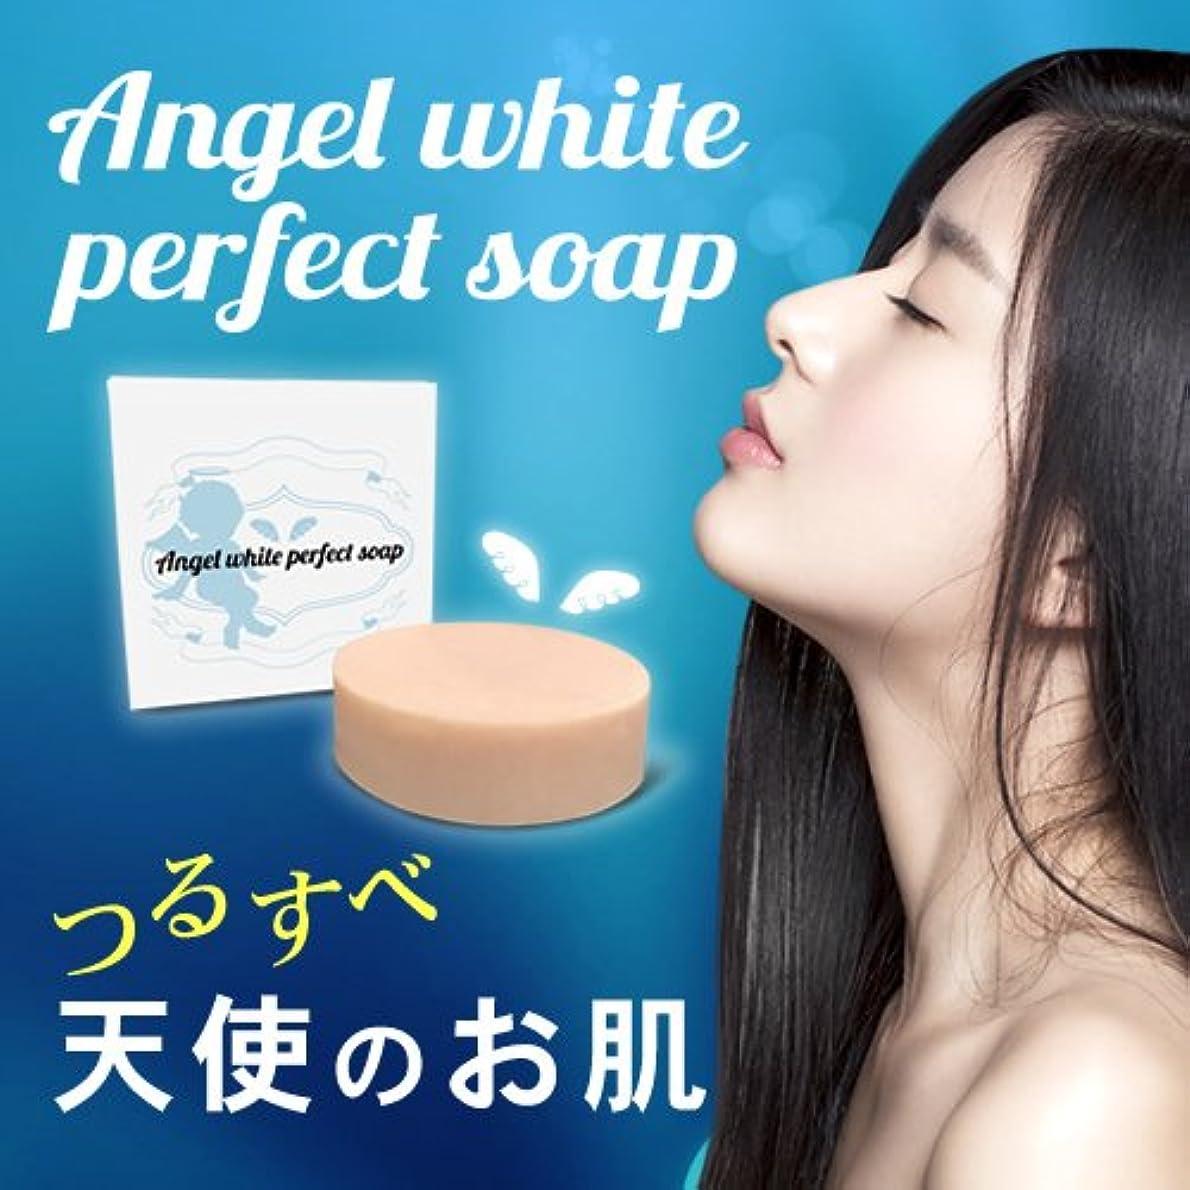 不可能な不和明快Angel White Perfect Soap(エンジェルホワイトパーフェクトソープ) 美白 美白石けん 美肌 洗顔石鹸